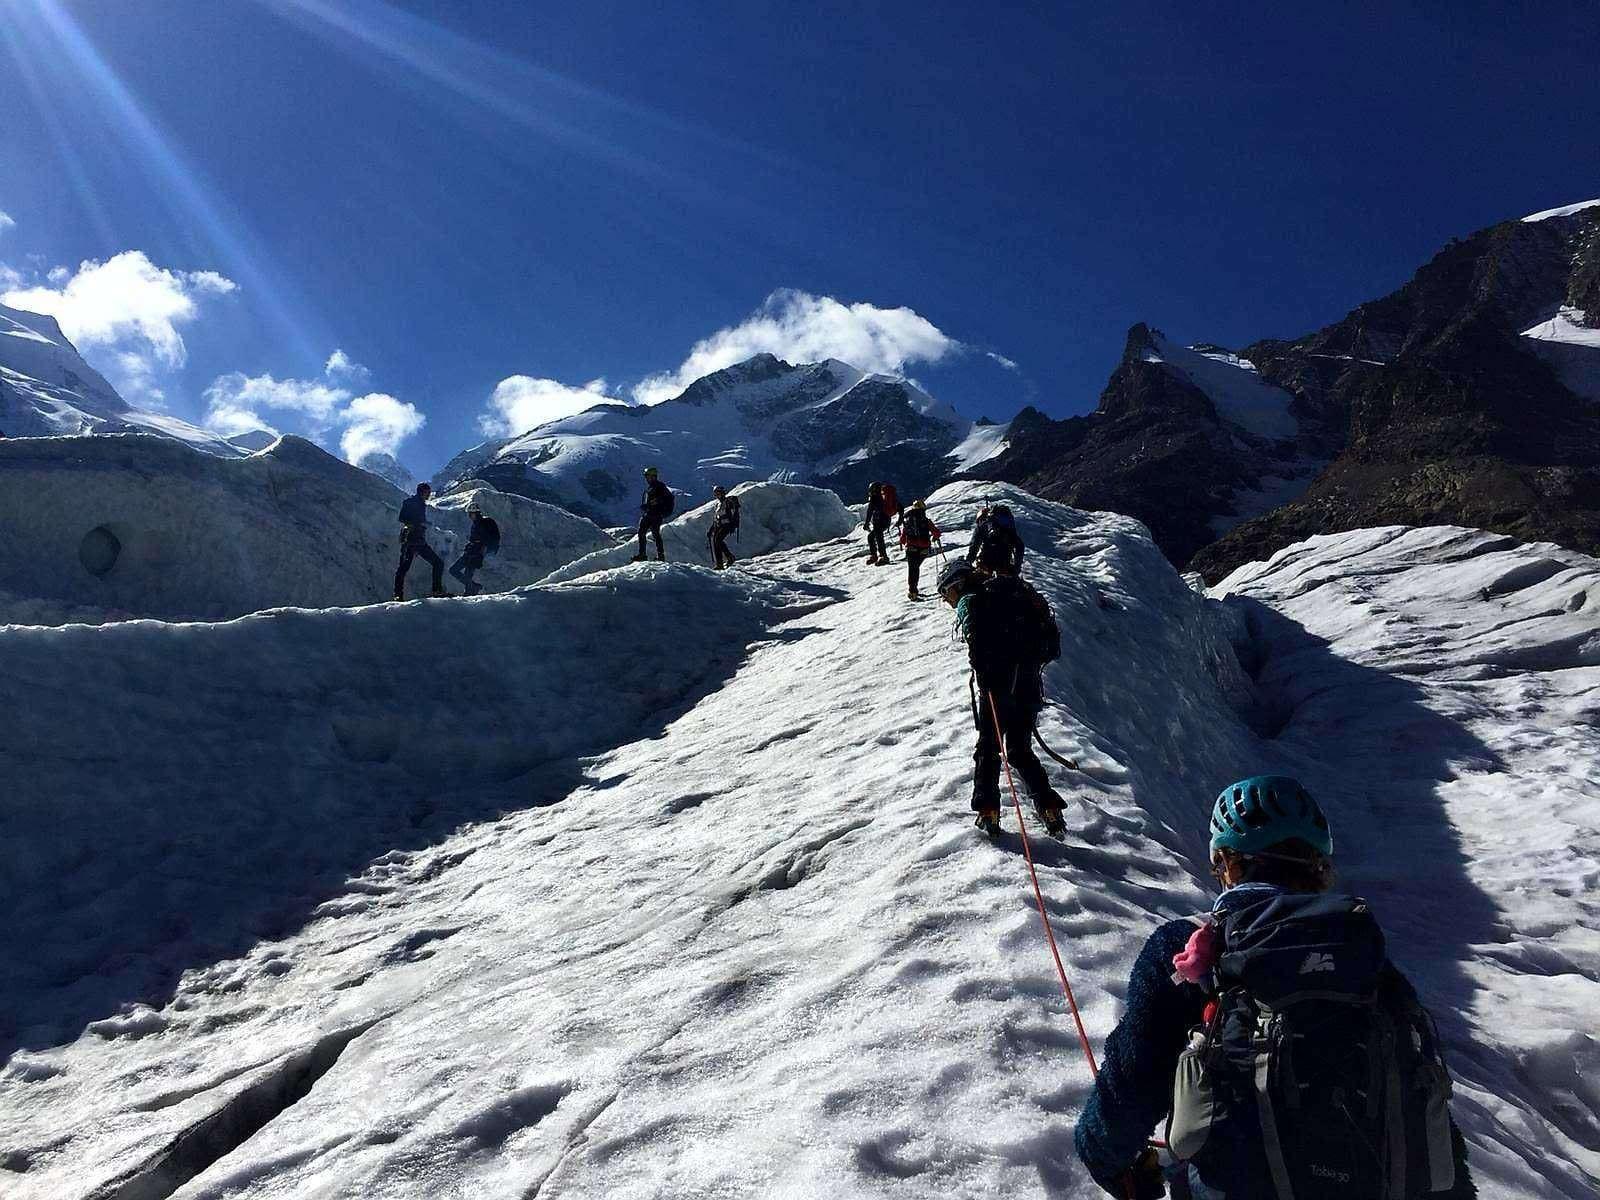 Stage progressione sul ghiacciaio Morteratsch in Svizzera